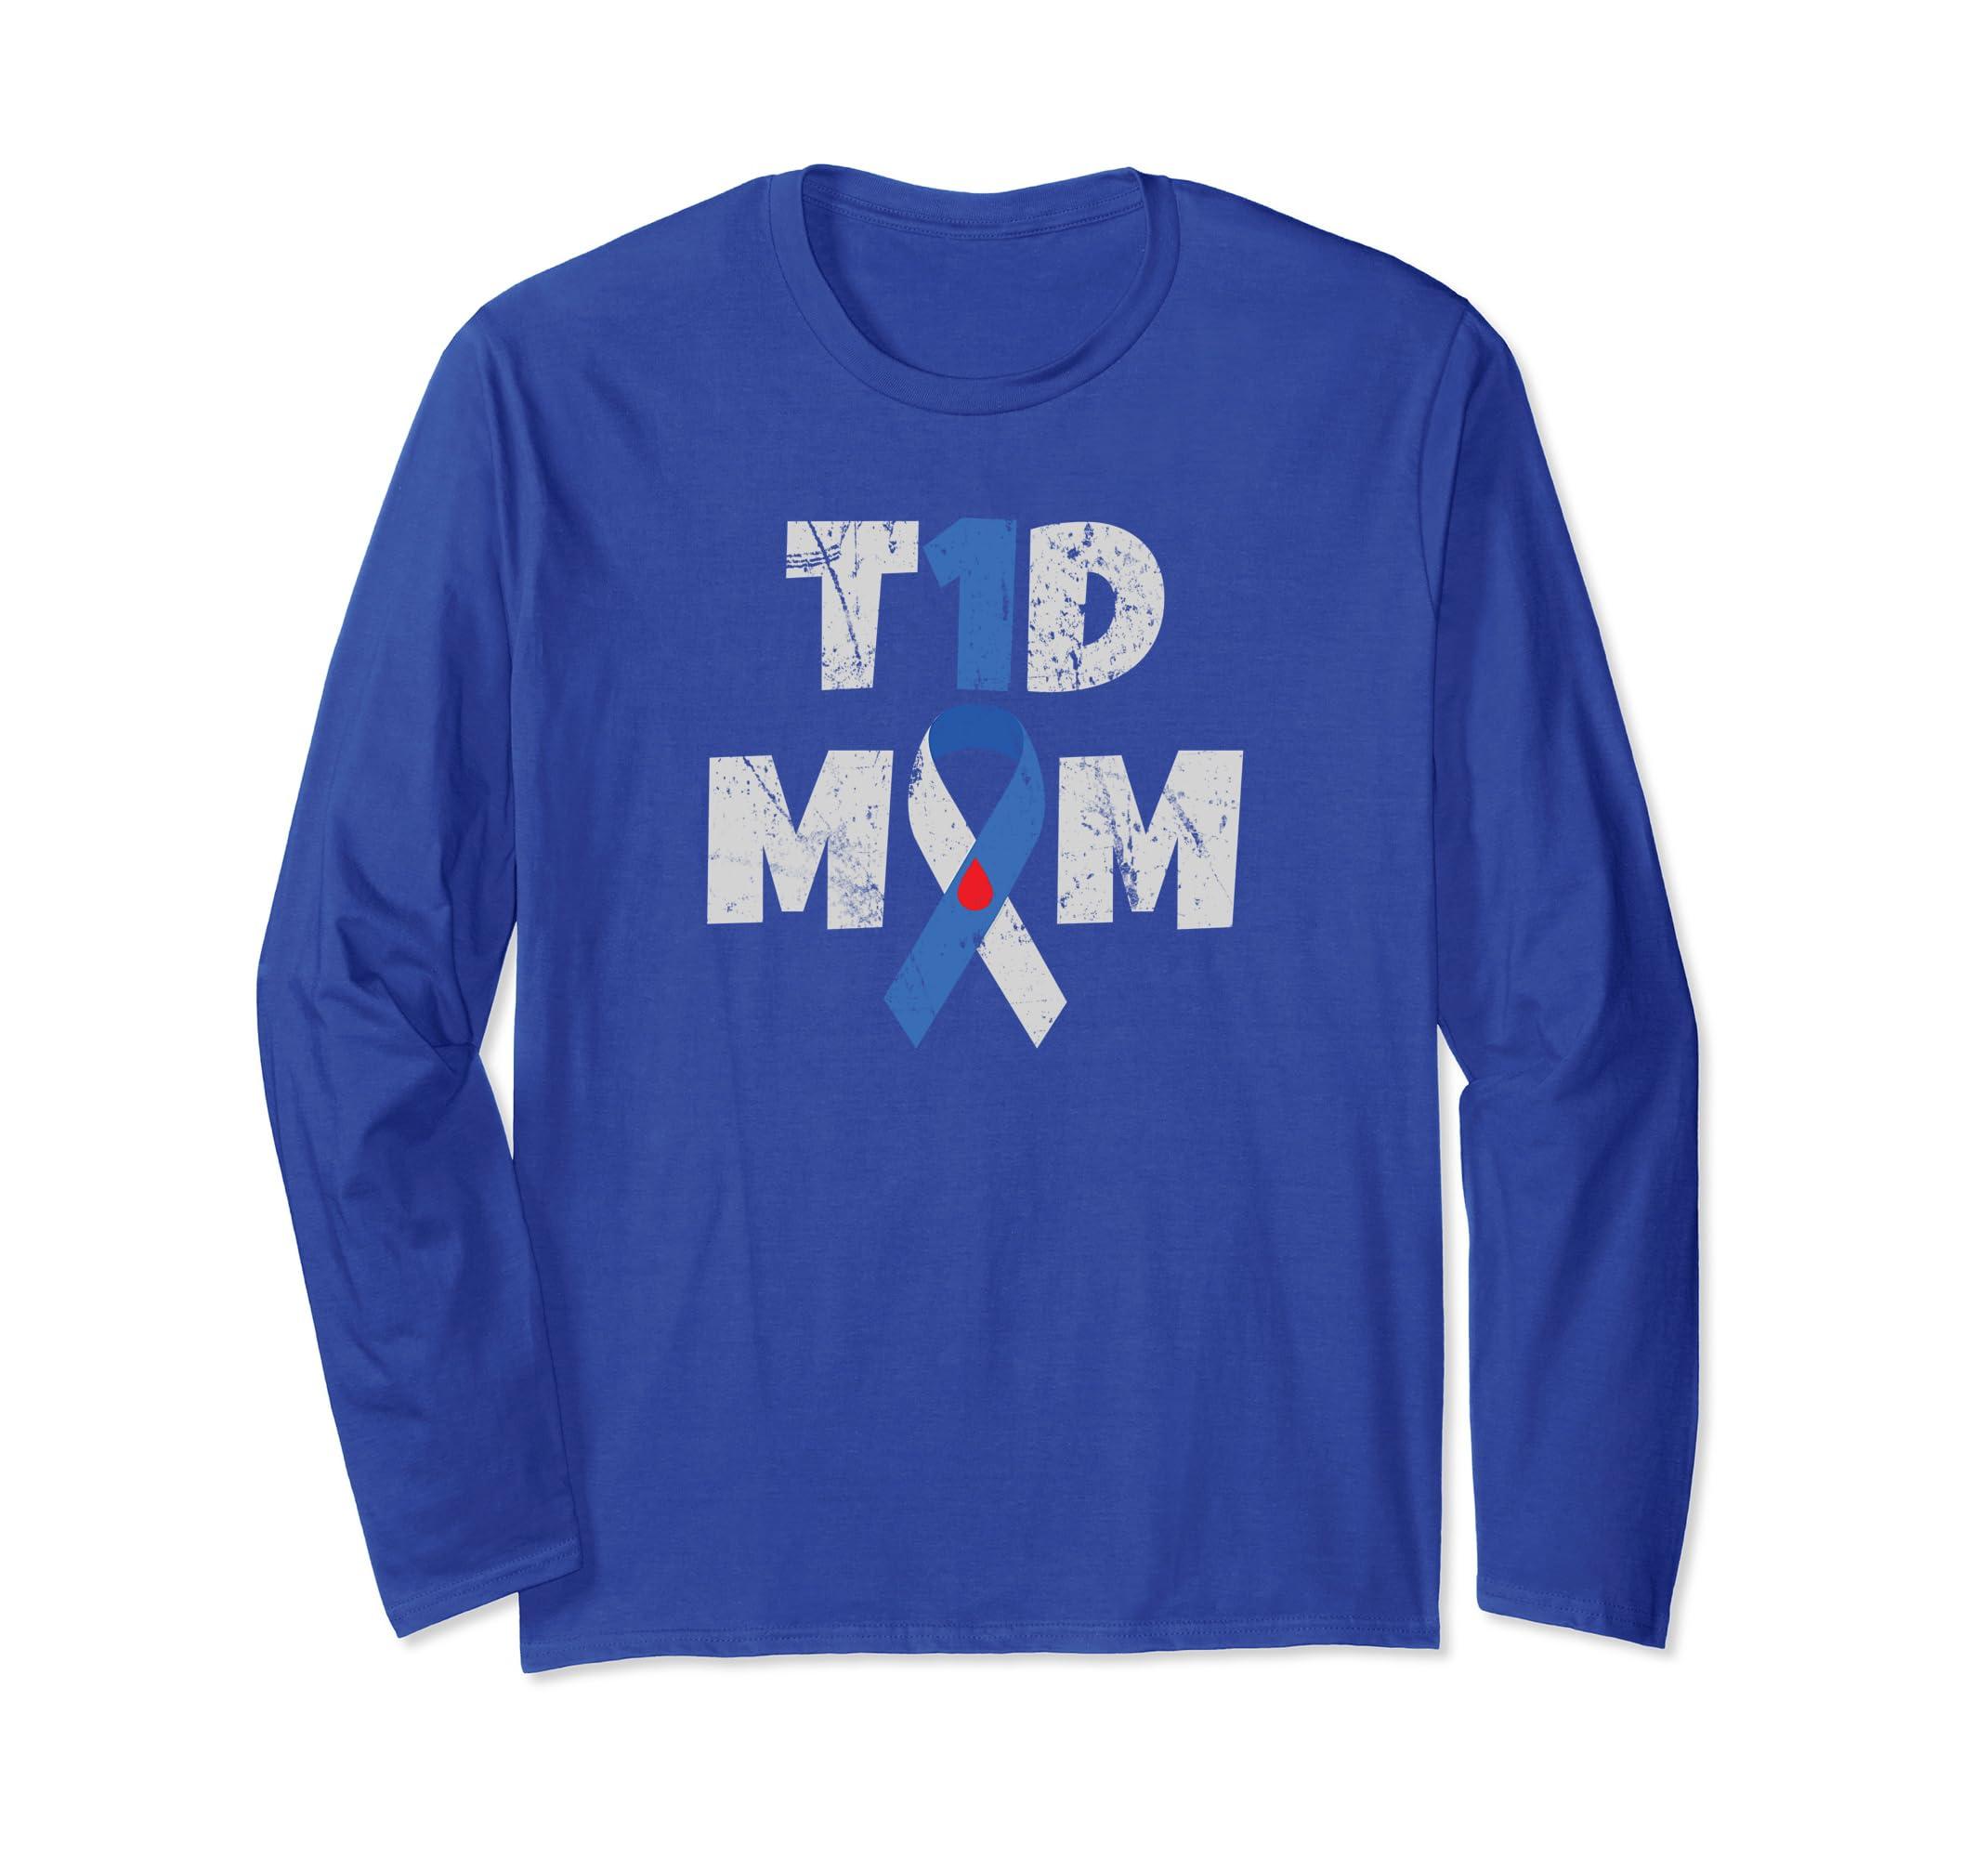 T1D Mom Diabetes Awareness Long Sleeve Shirt Mother Gift-azvn